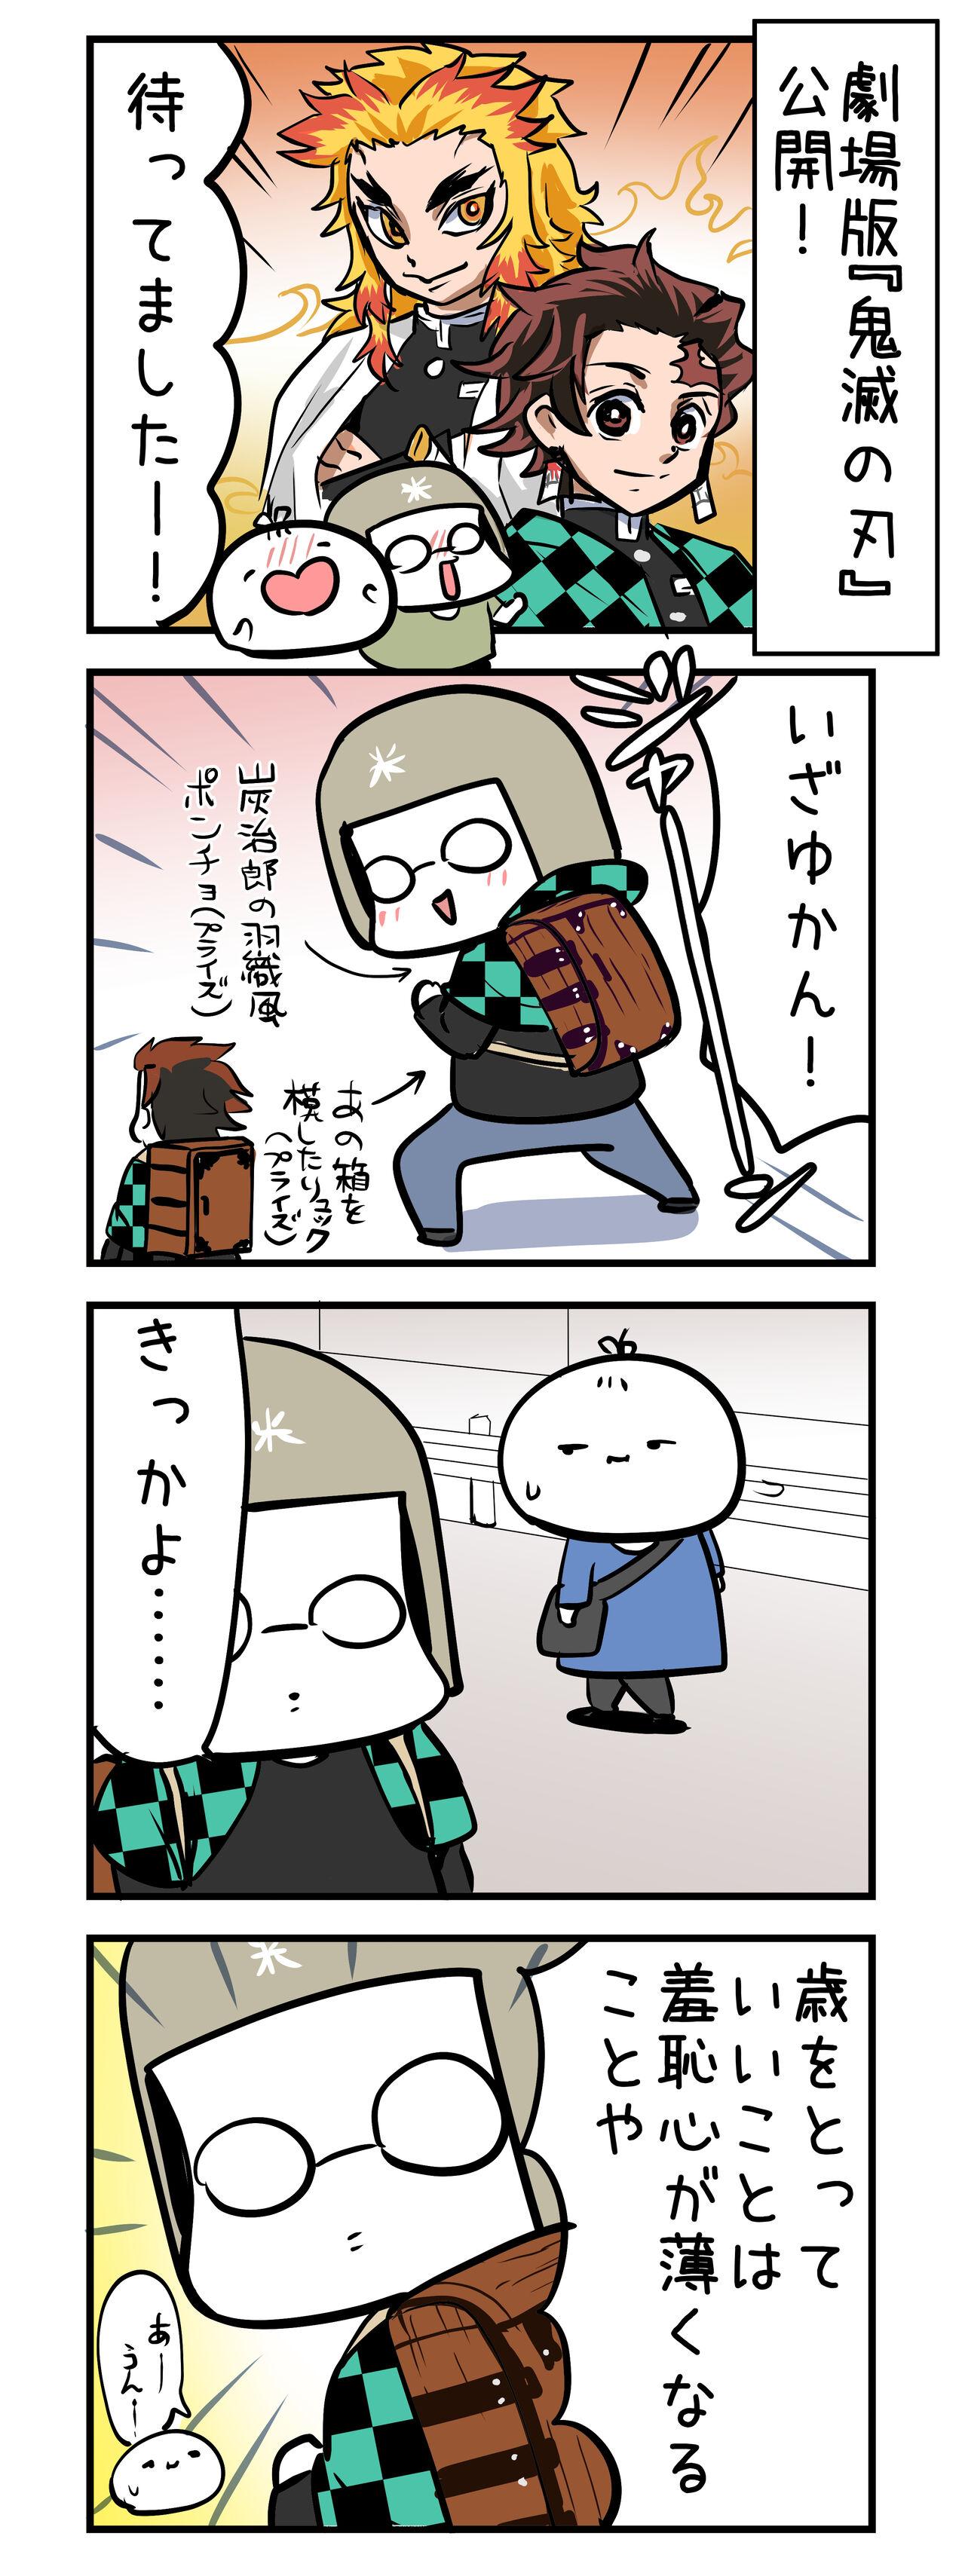 刃 タイトル 鬼 ロゴ の 滅